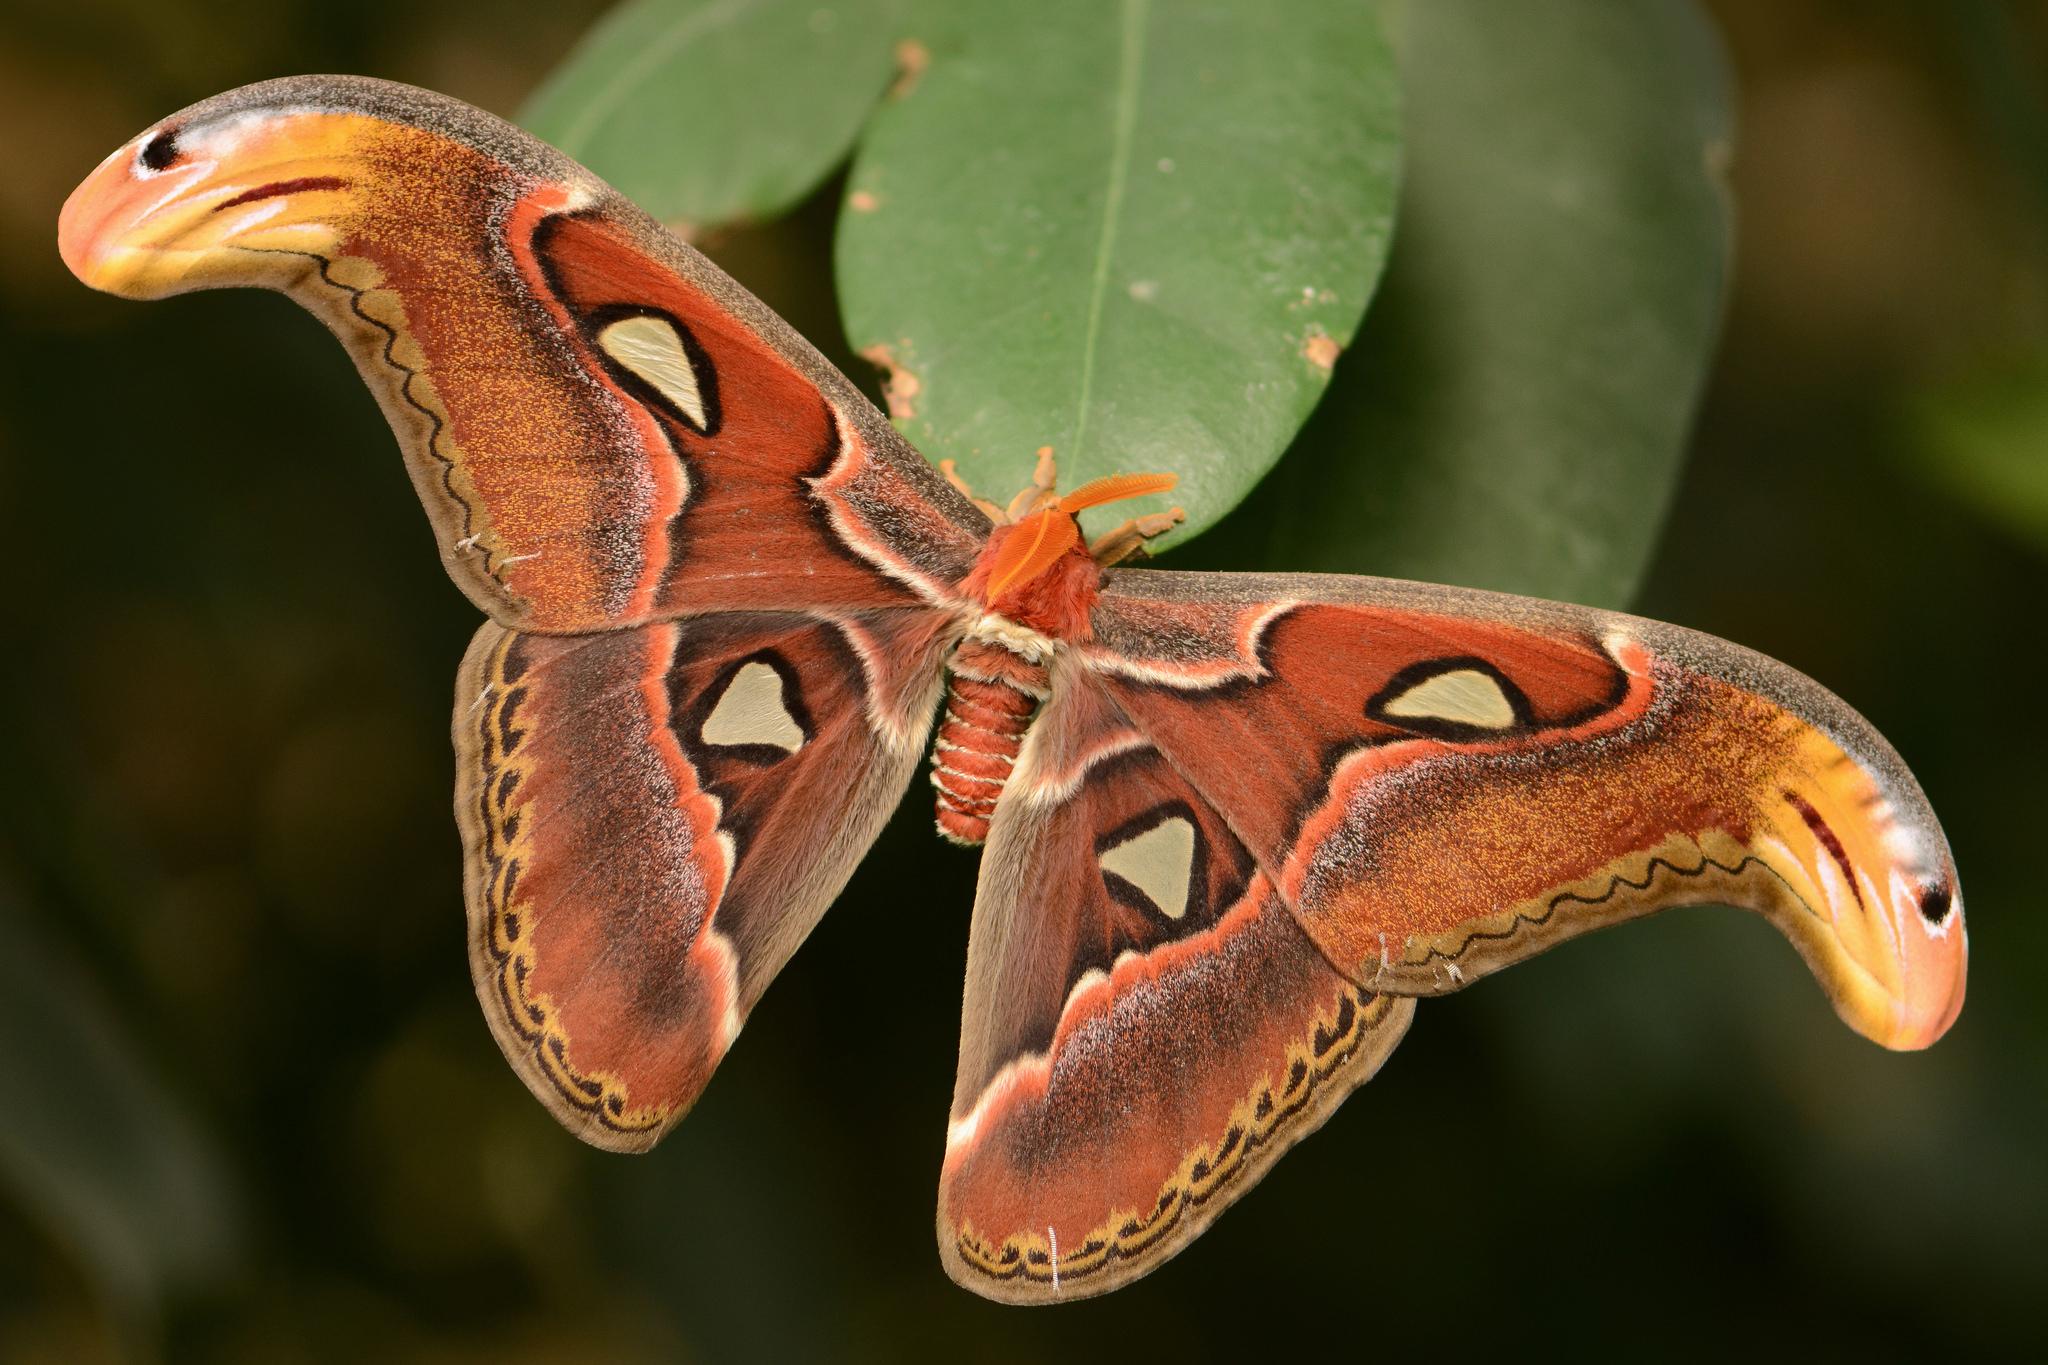 Photo 5 : Attacus atlas femelle (Source : Alias 0591 - Flickr.com)